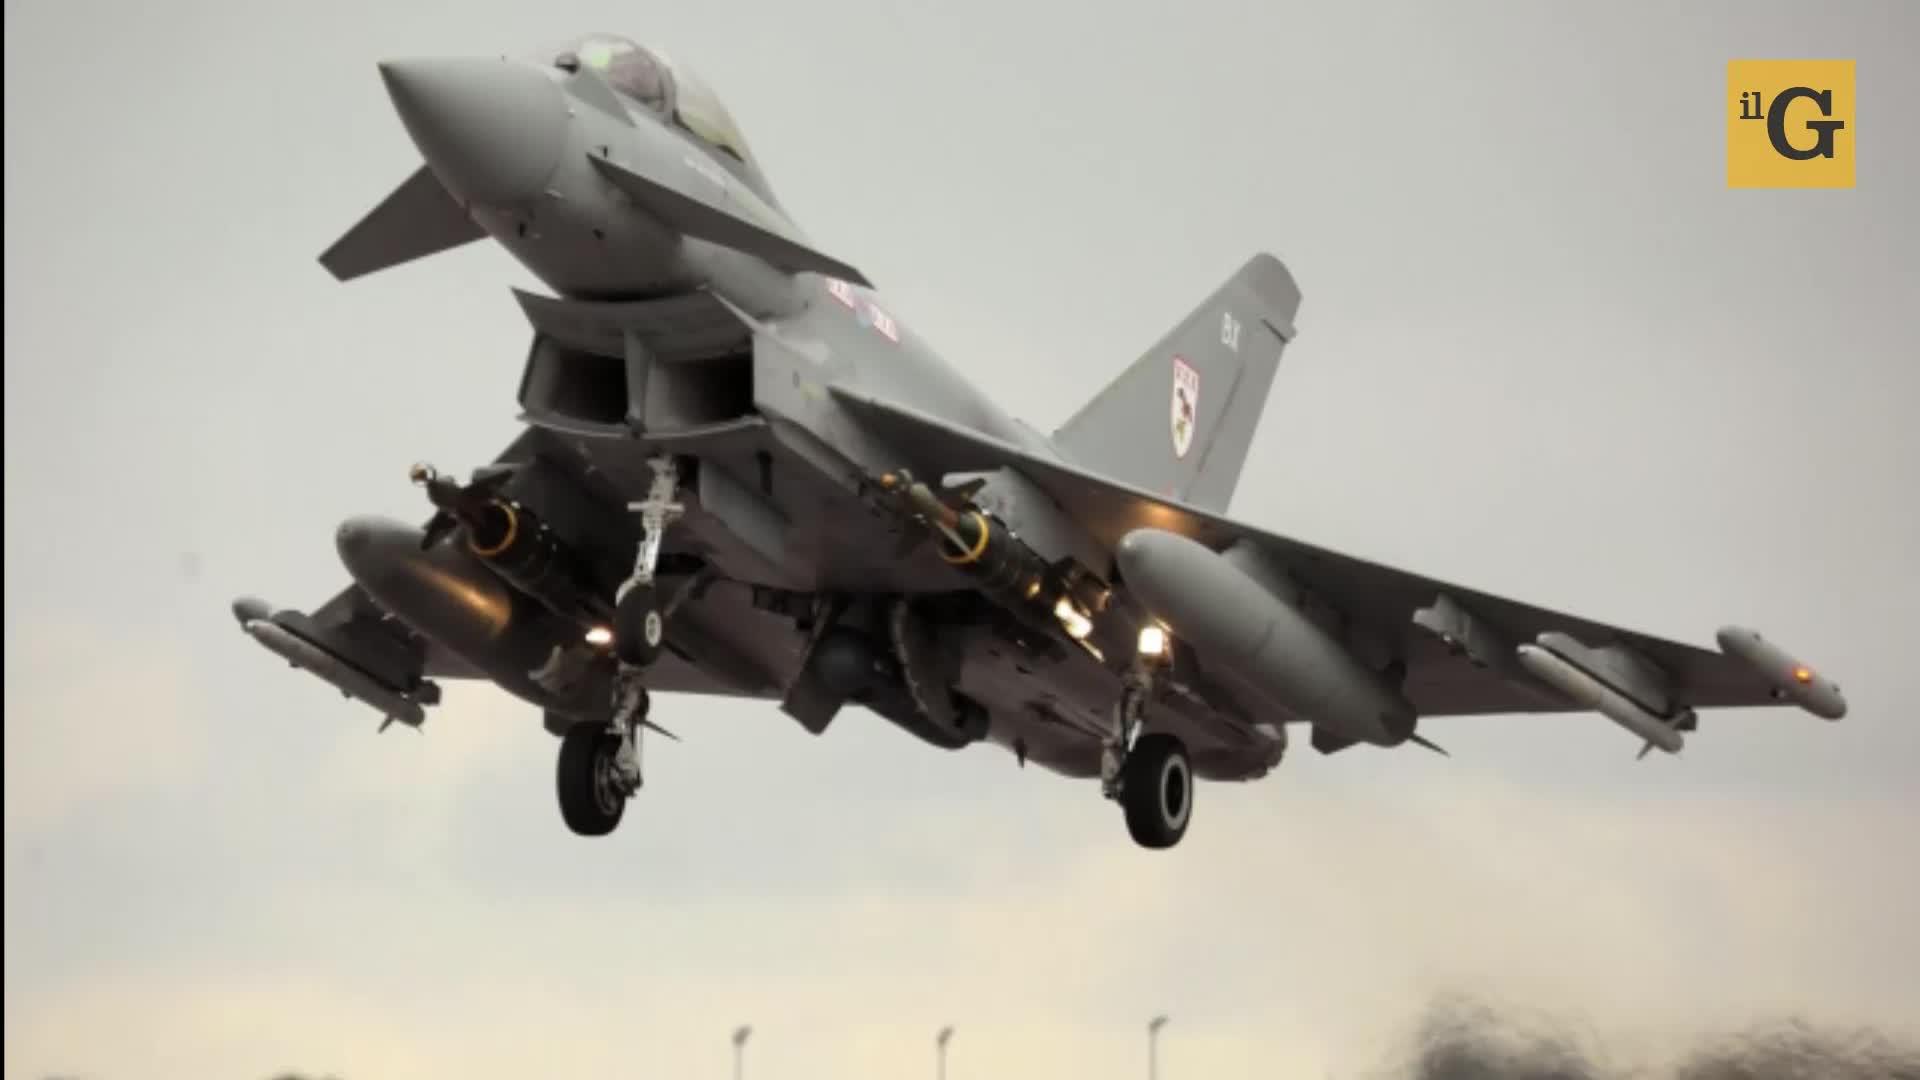 Così funziona il motore EJ200 che fa volare un Eurofighter